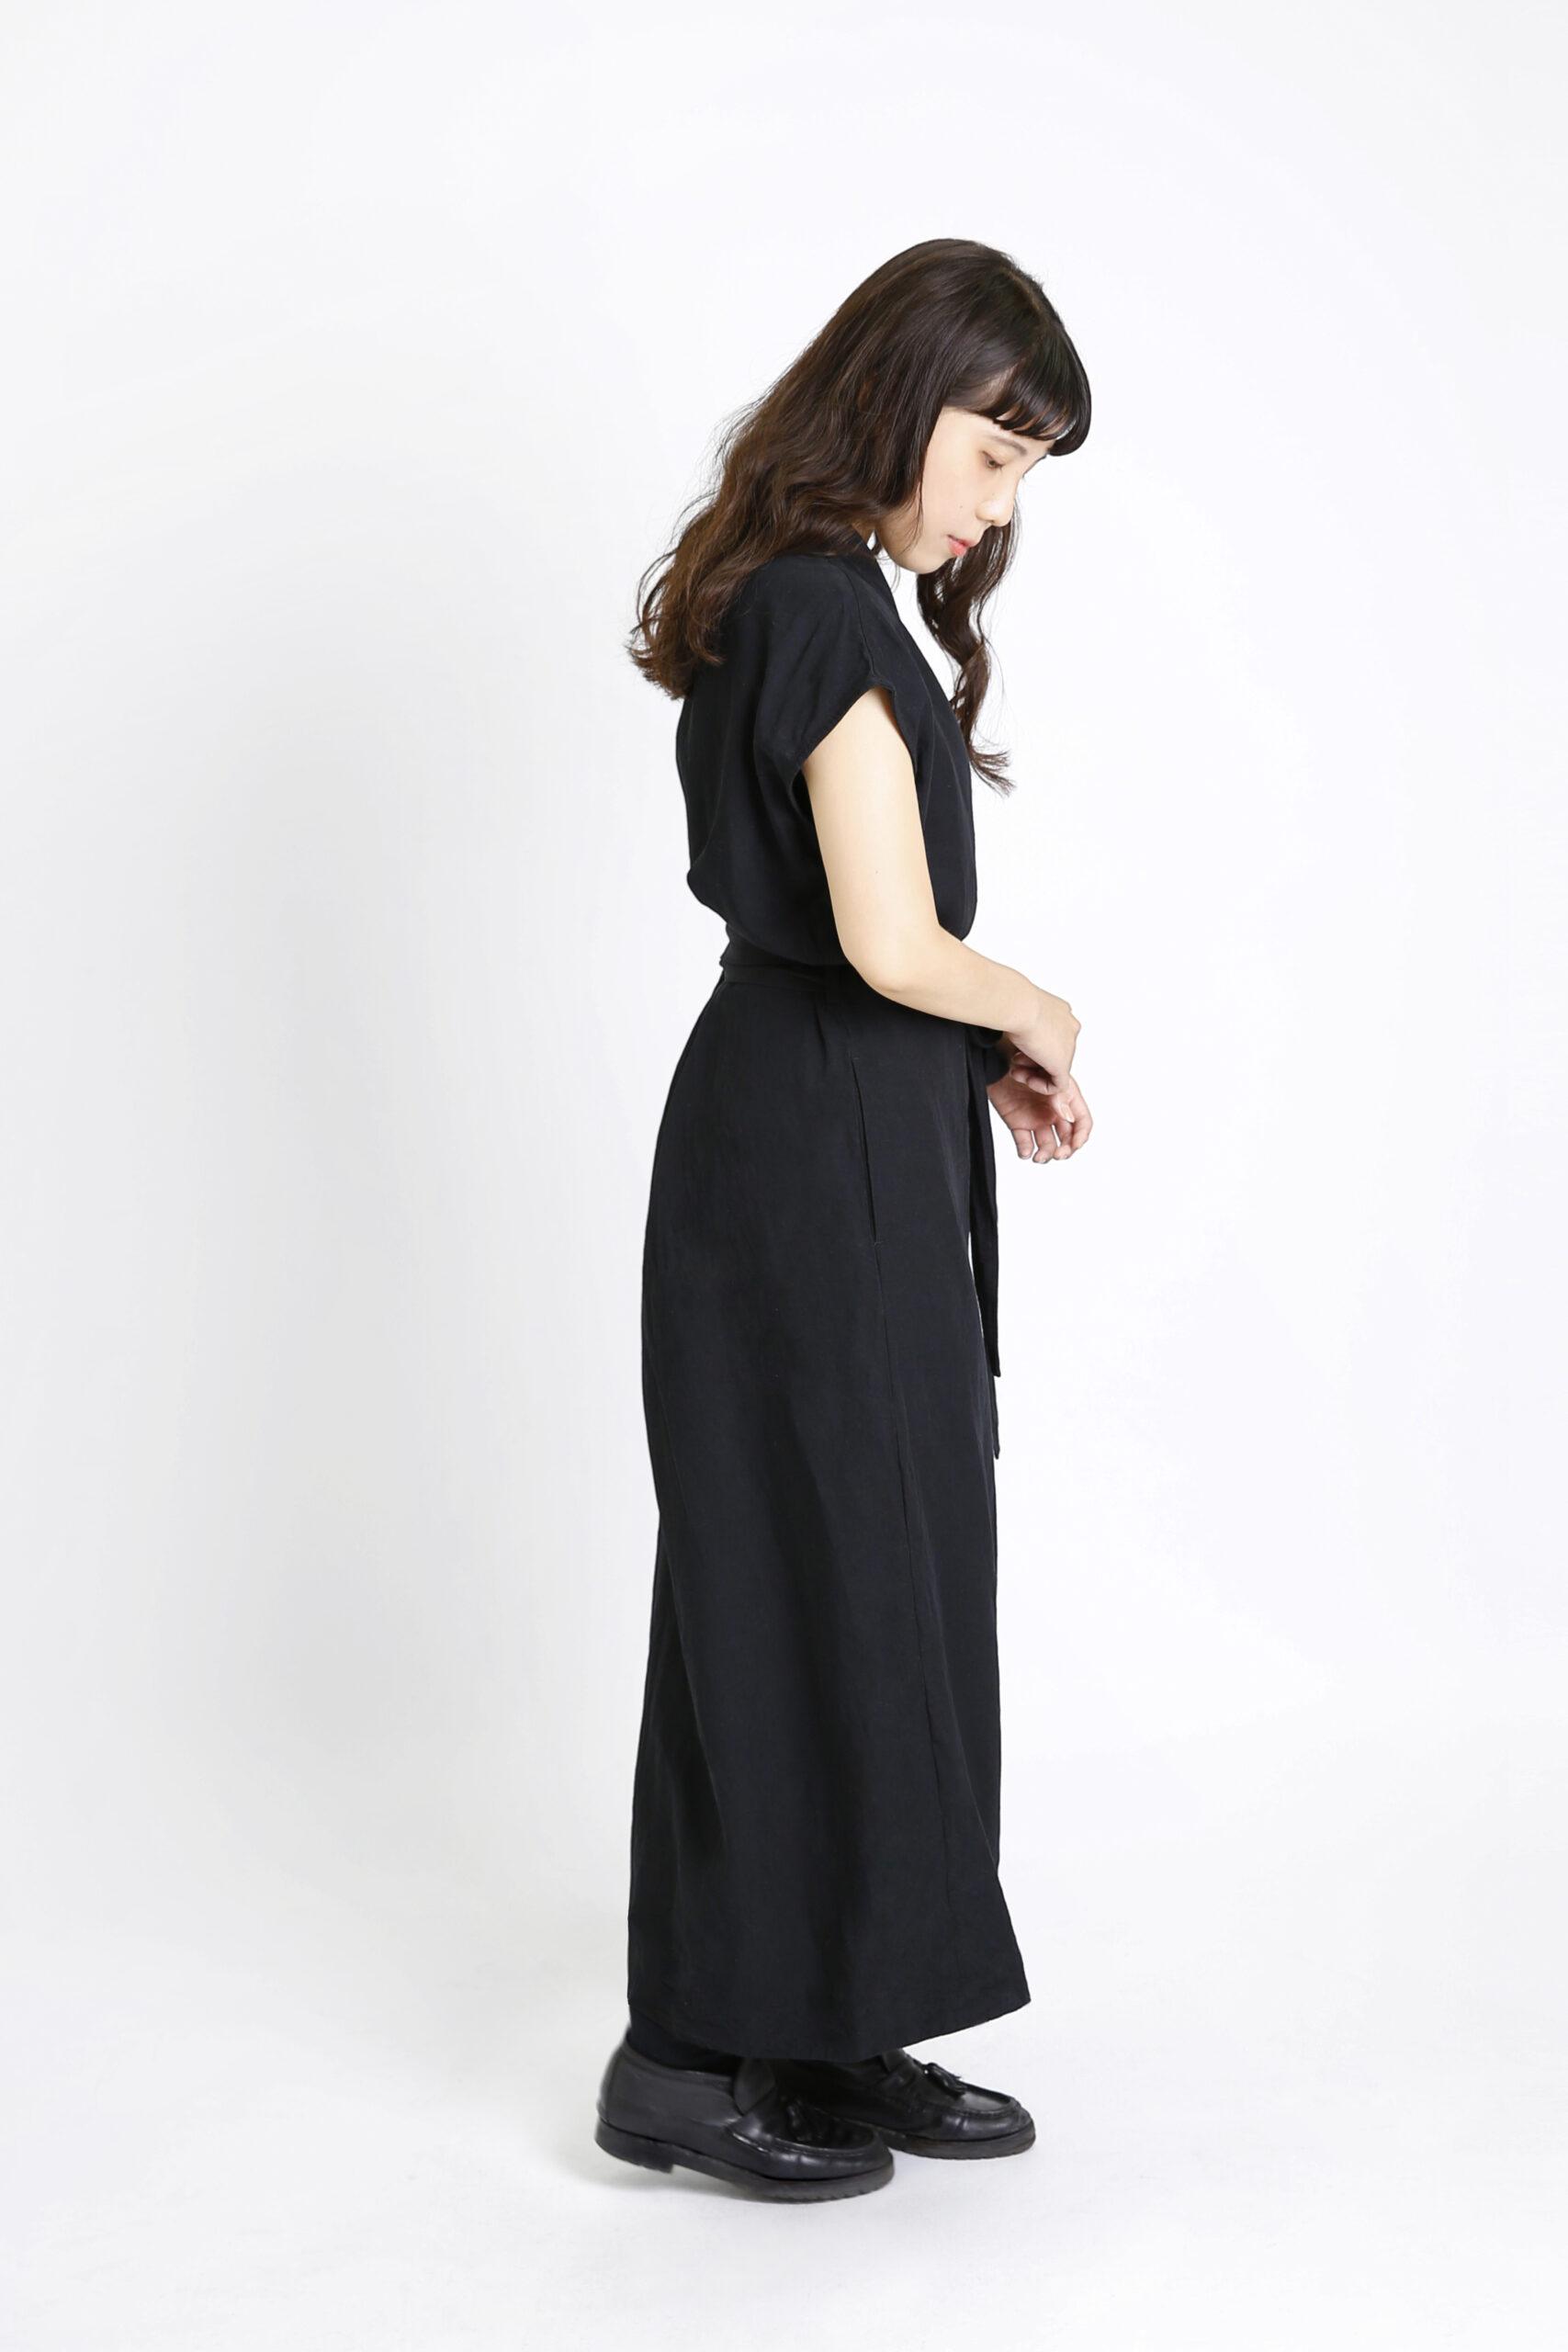 髪の長い女性のプロフィール写真